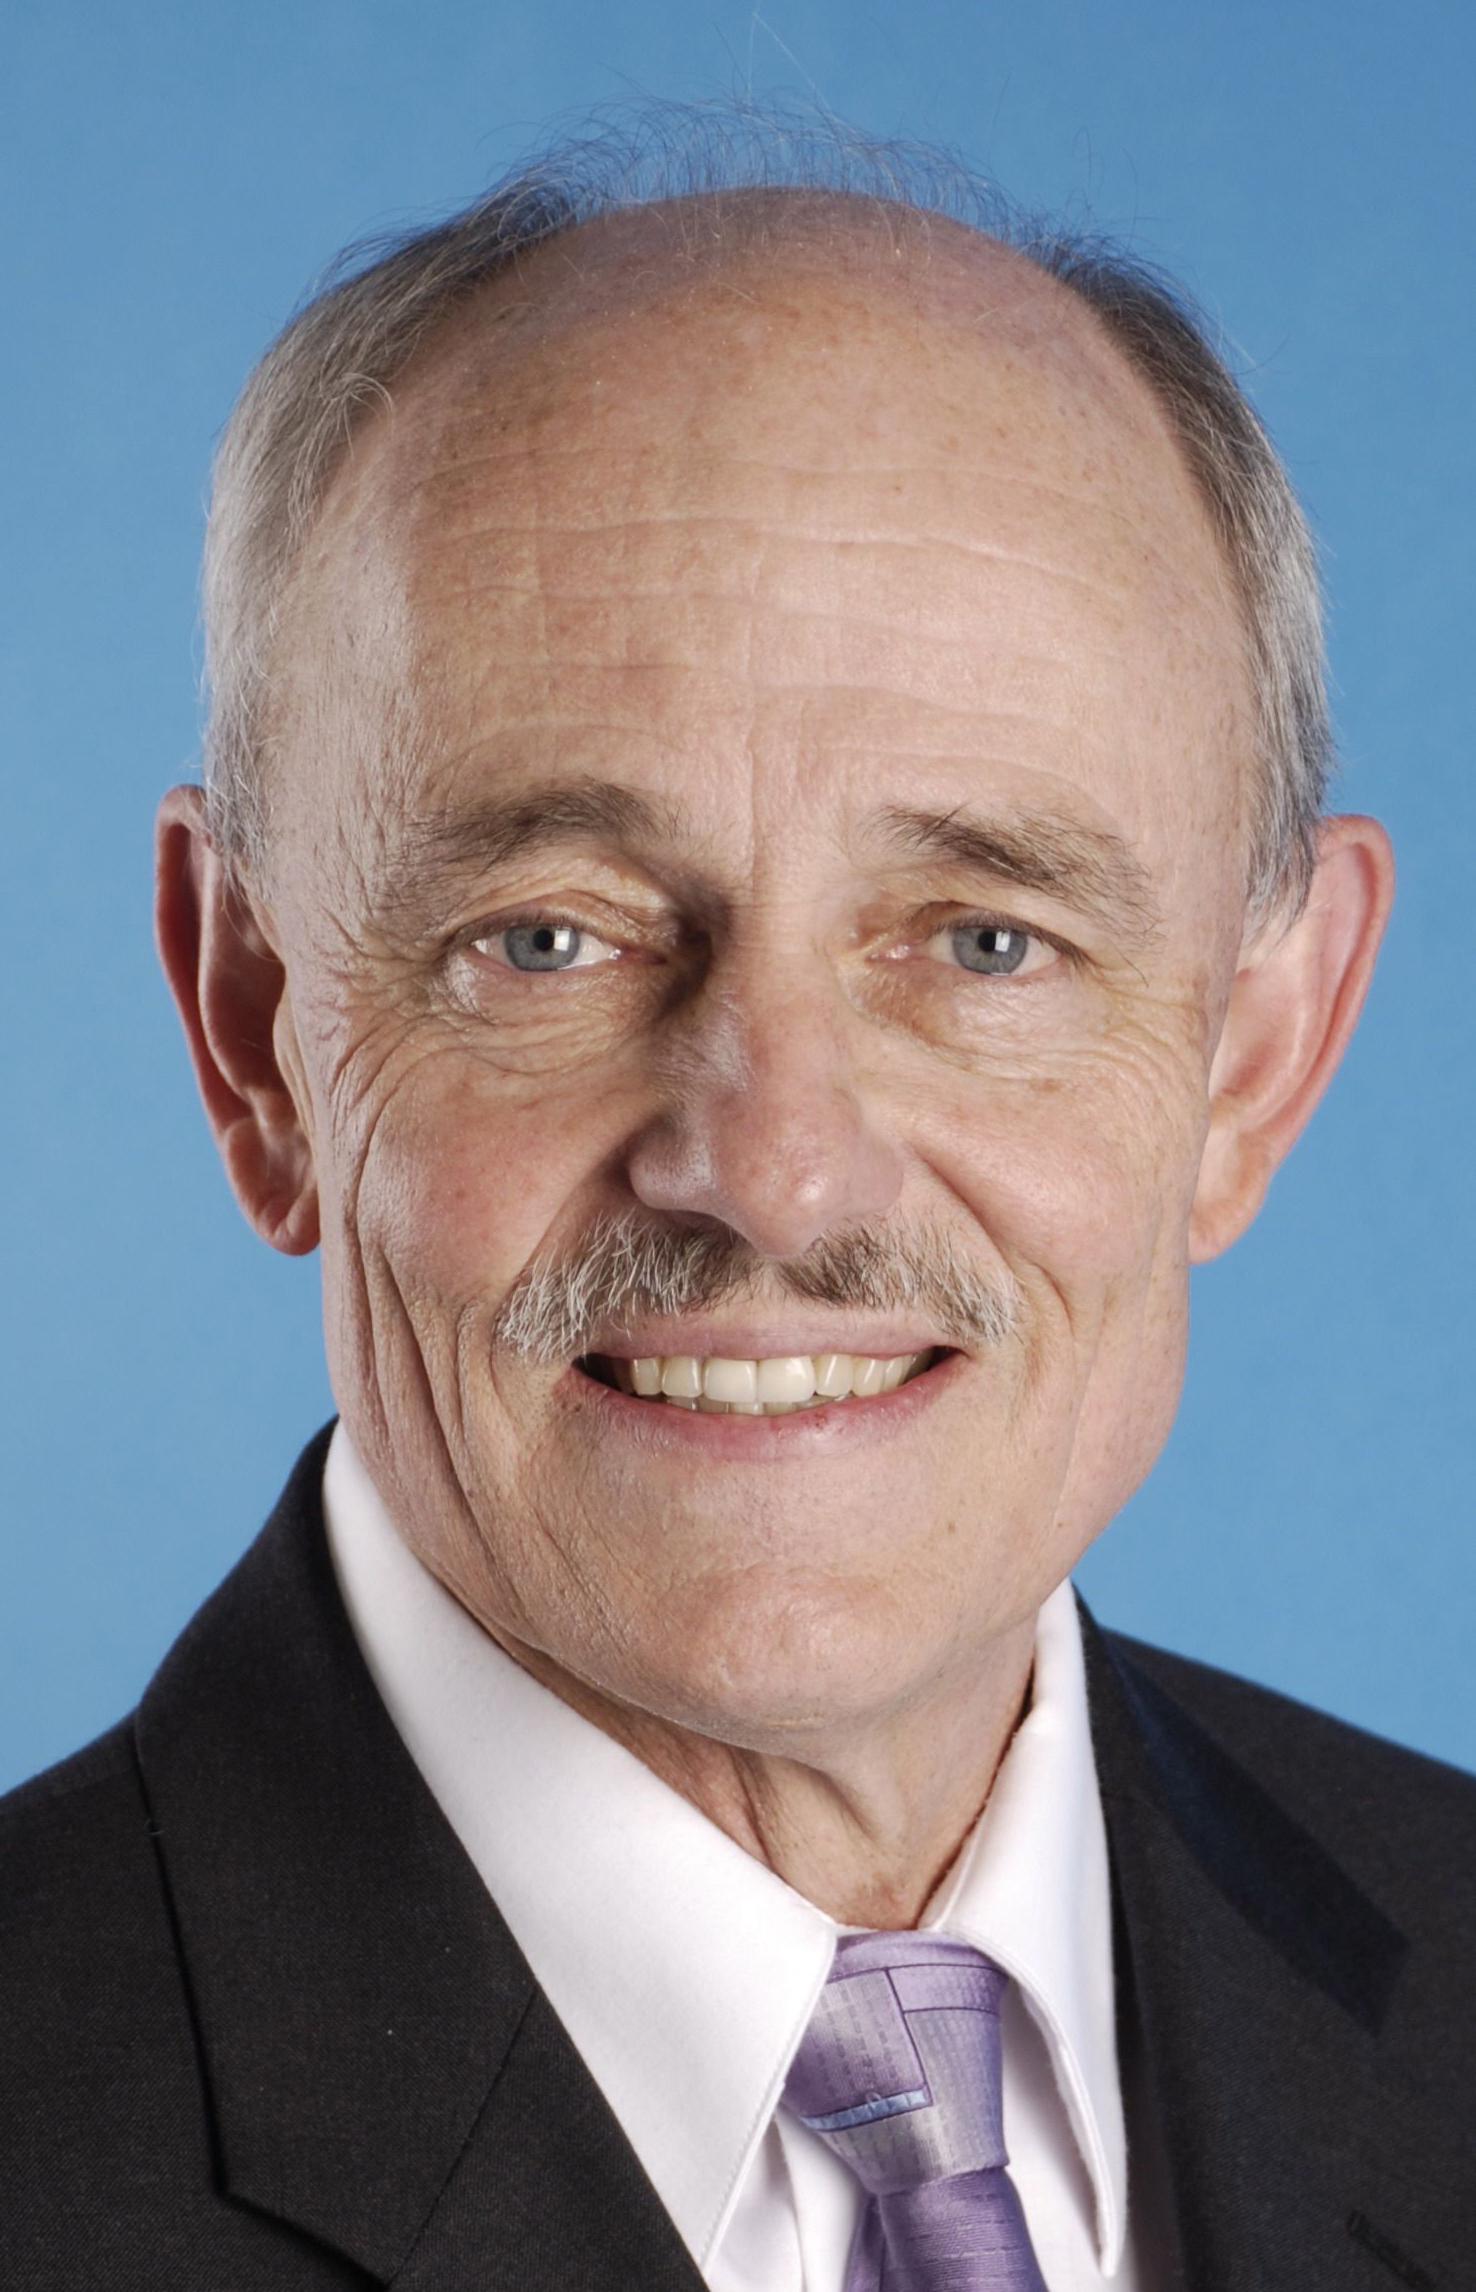 J. Michael Shaughnessy